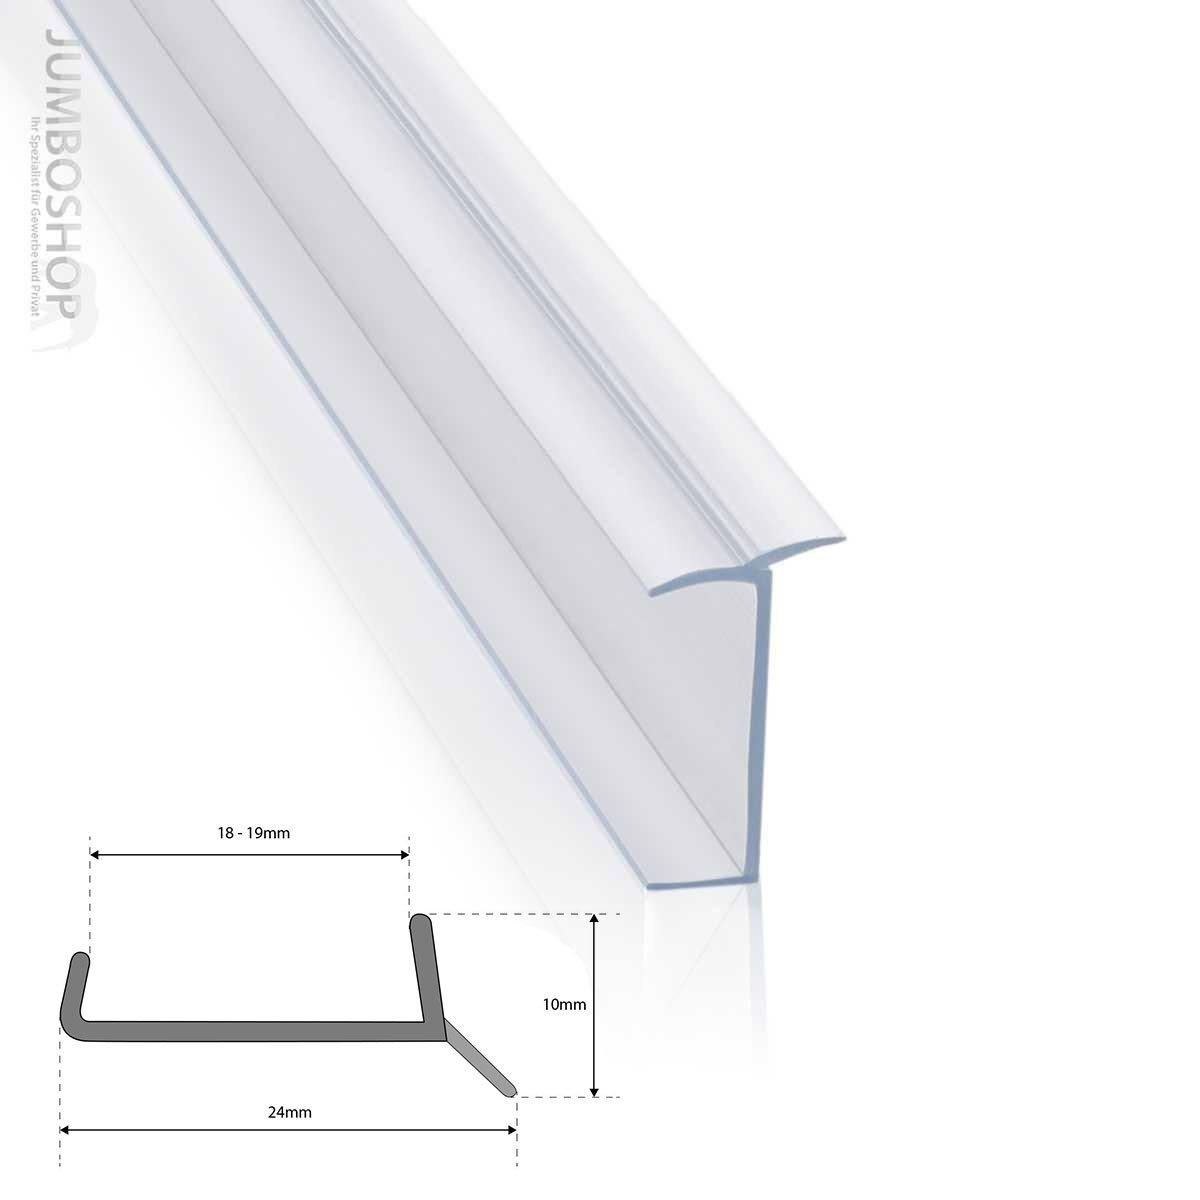 Blanc 19 mm 1,5 m Bavette de plinthe de meuble de cuisine STEIGNER Joint de cuisine LU 18 mm